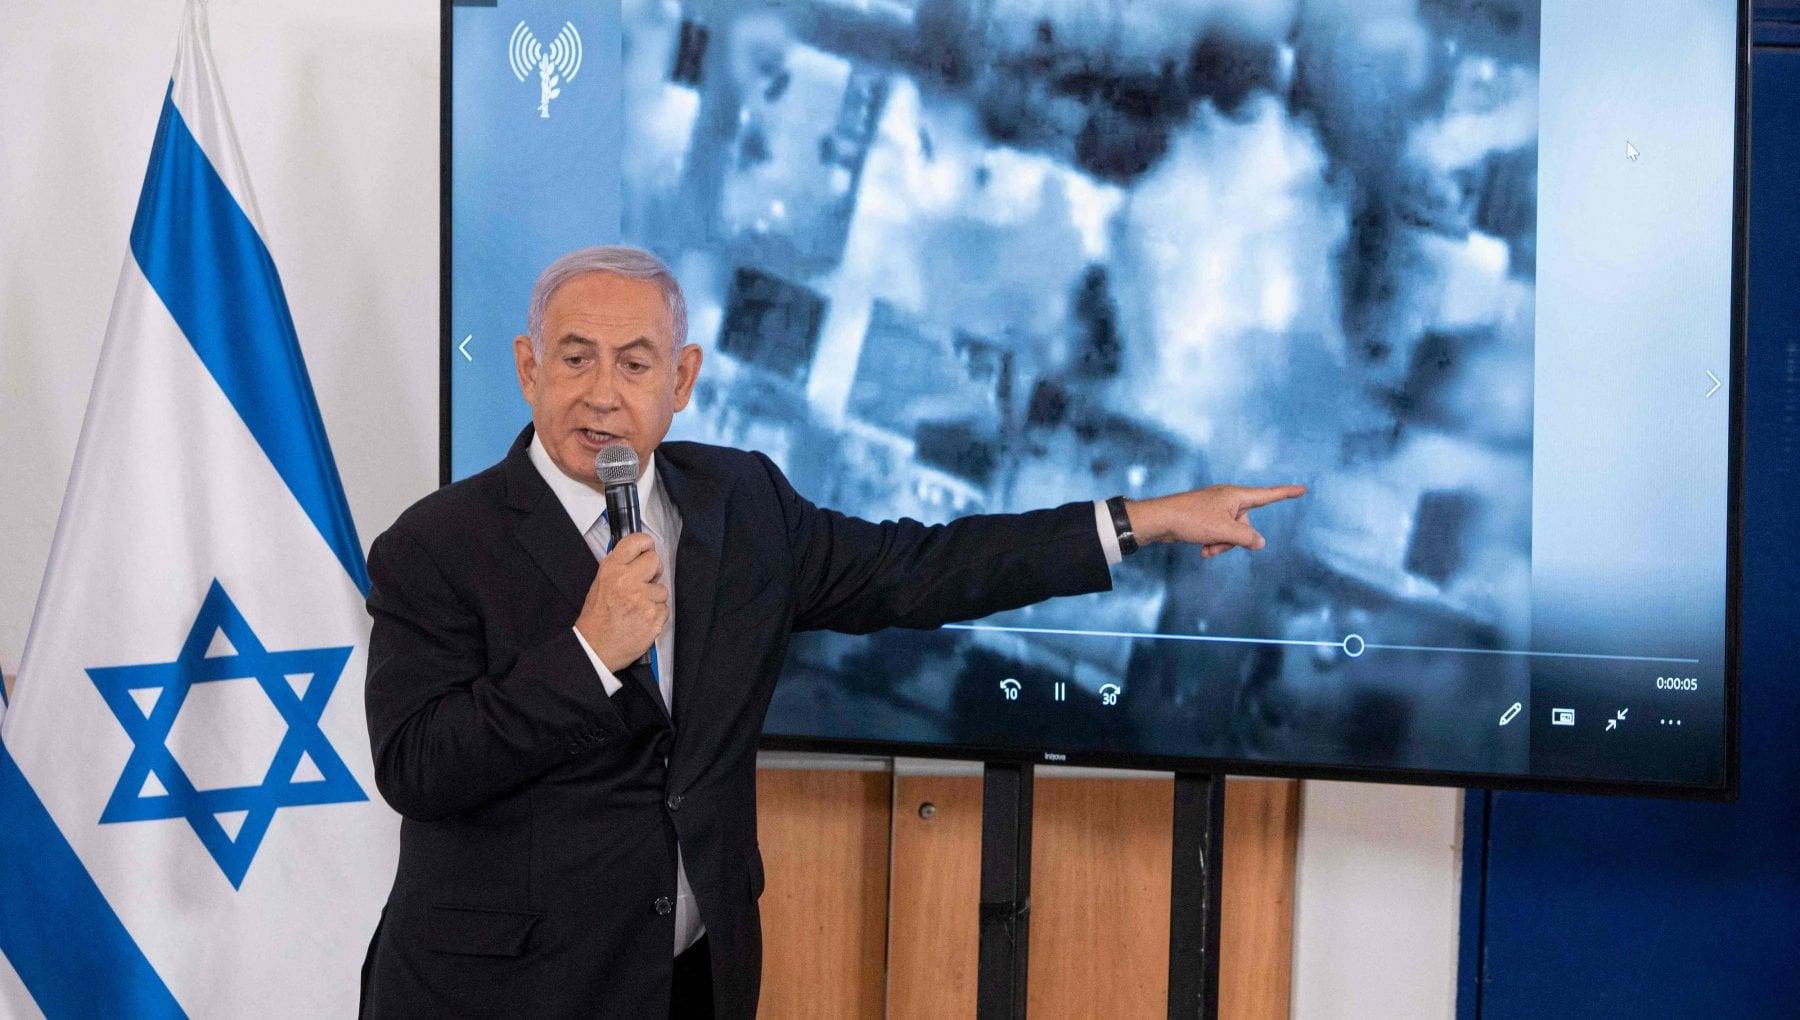 """163805230 7bdce77c f5a3 4c04 9394 0385b6b2dfba - Gilles Kepel: """"Dalla guerra di Gaza esce vincitore Netanyahu. Ma gli Accordi di Abramo si sono indeboliti"""""""